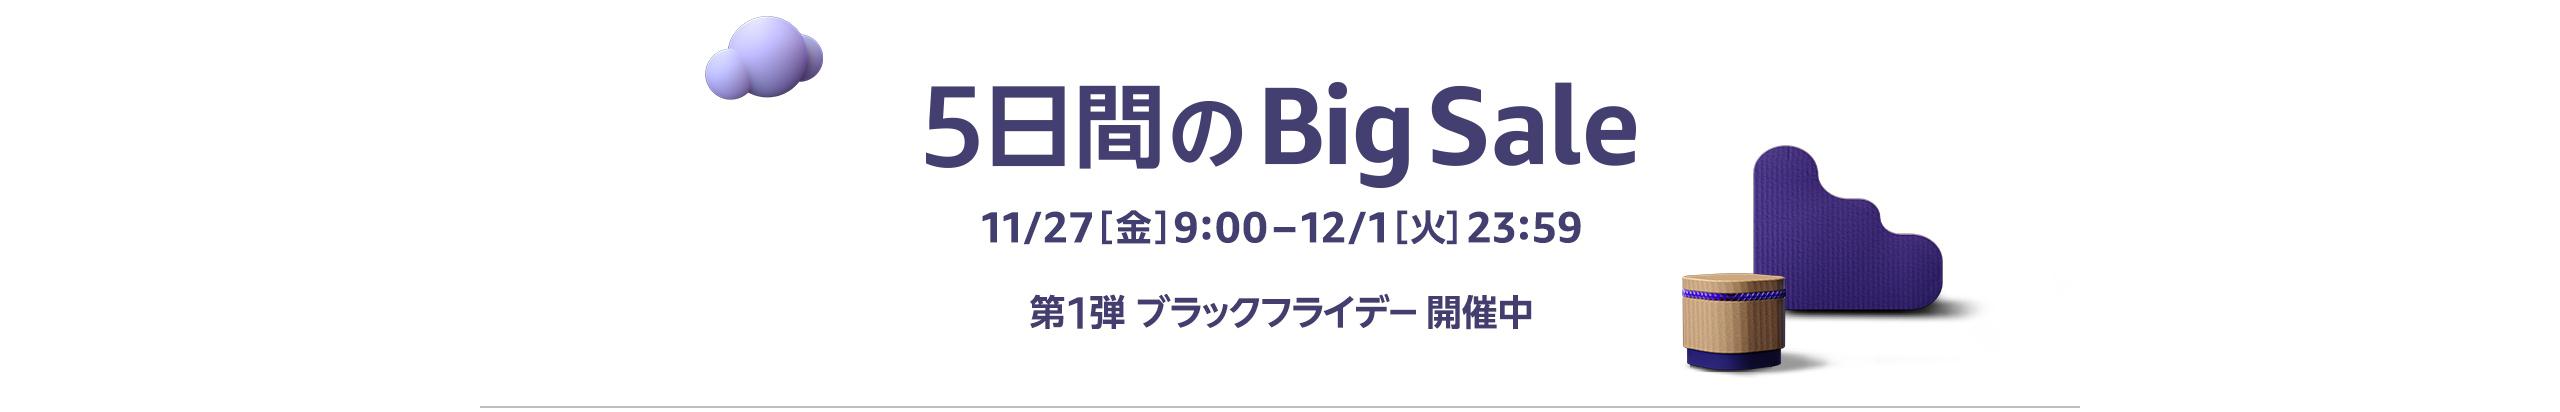 5日間のBig Sale開催中 12/1 [火]23:59まで